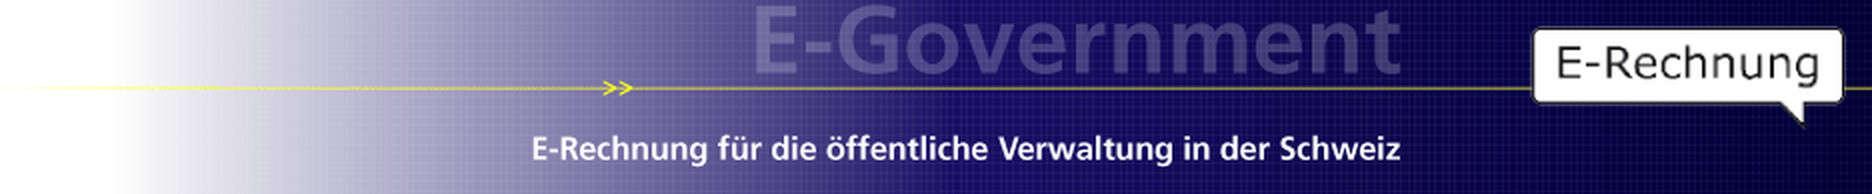 e-Rechnungs-Initiative Schweiz